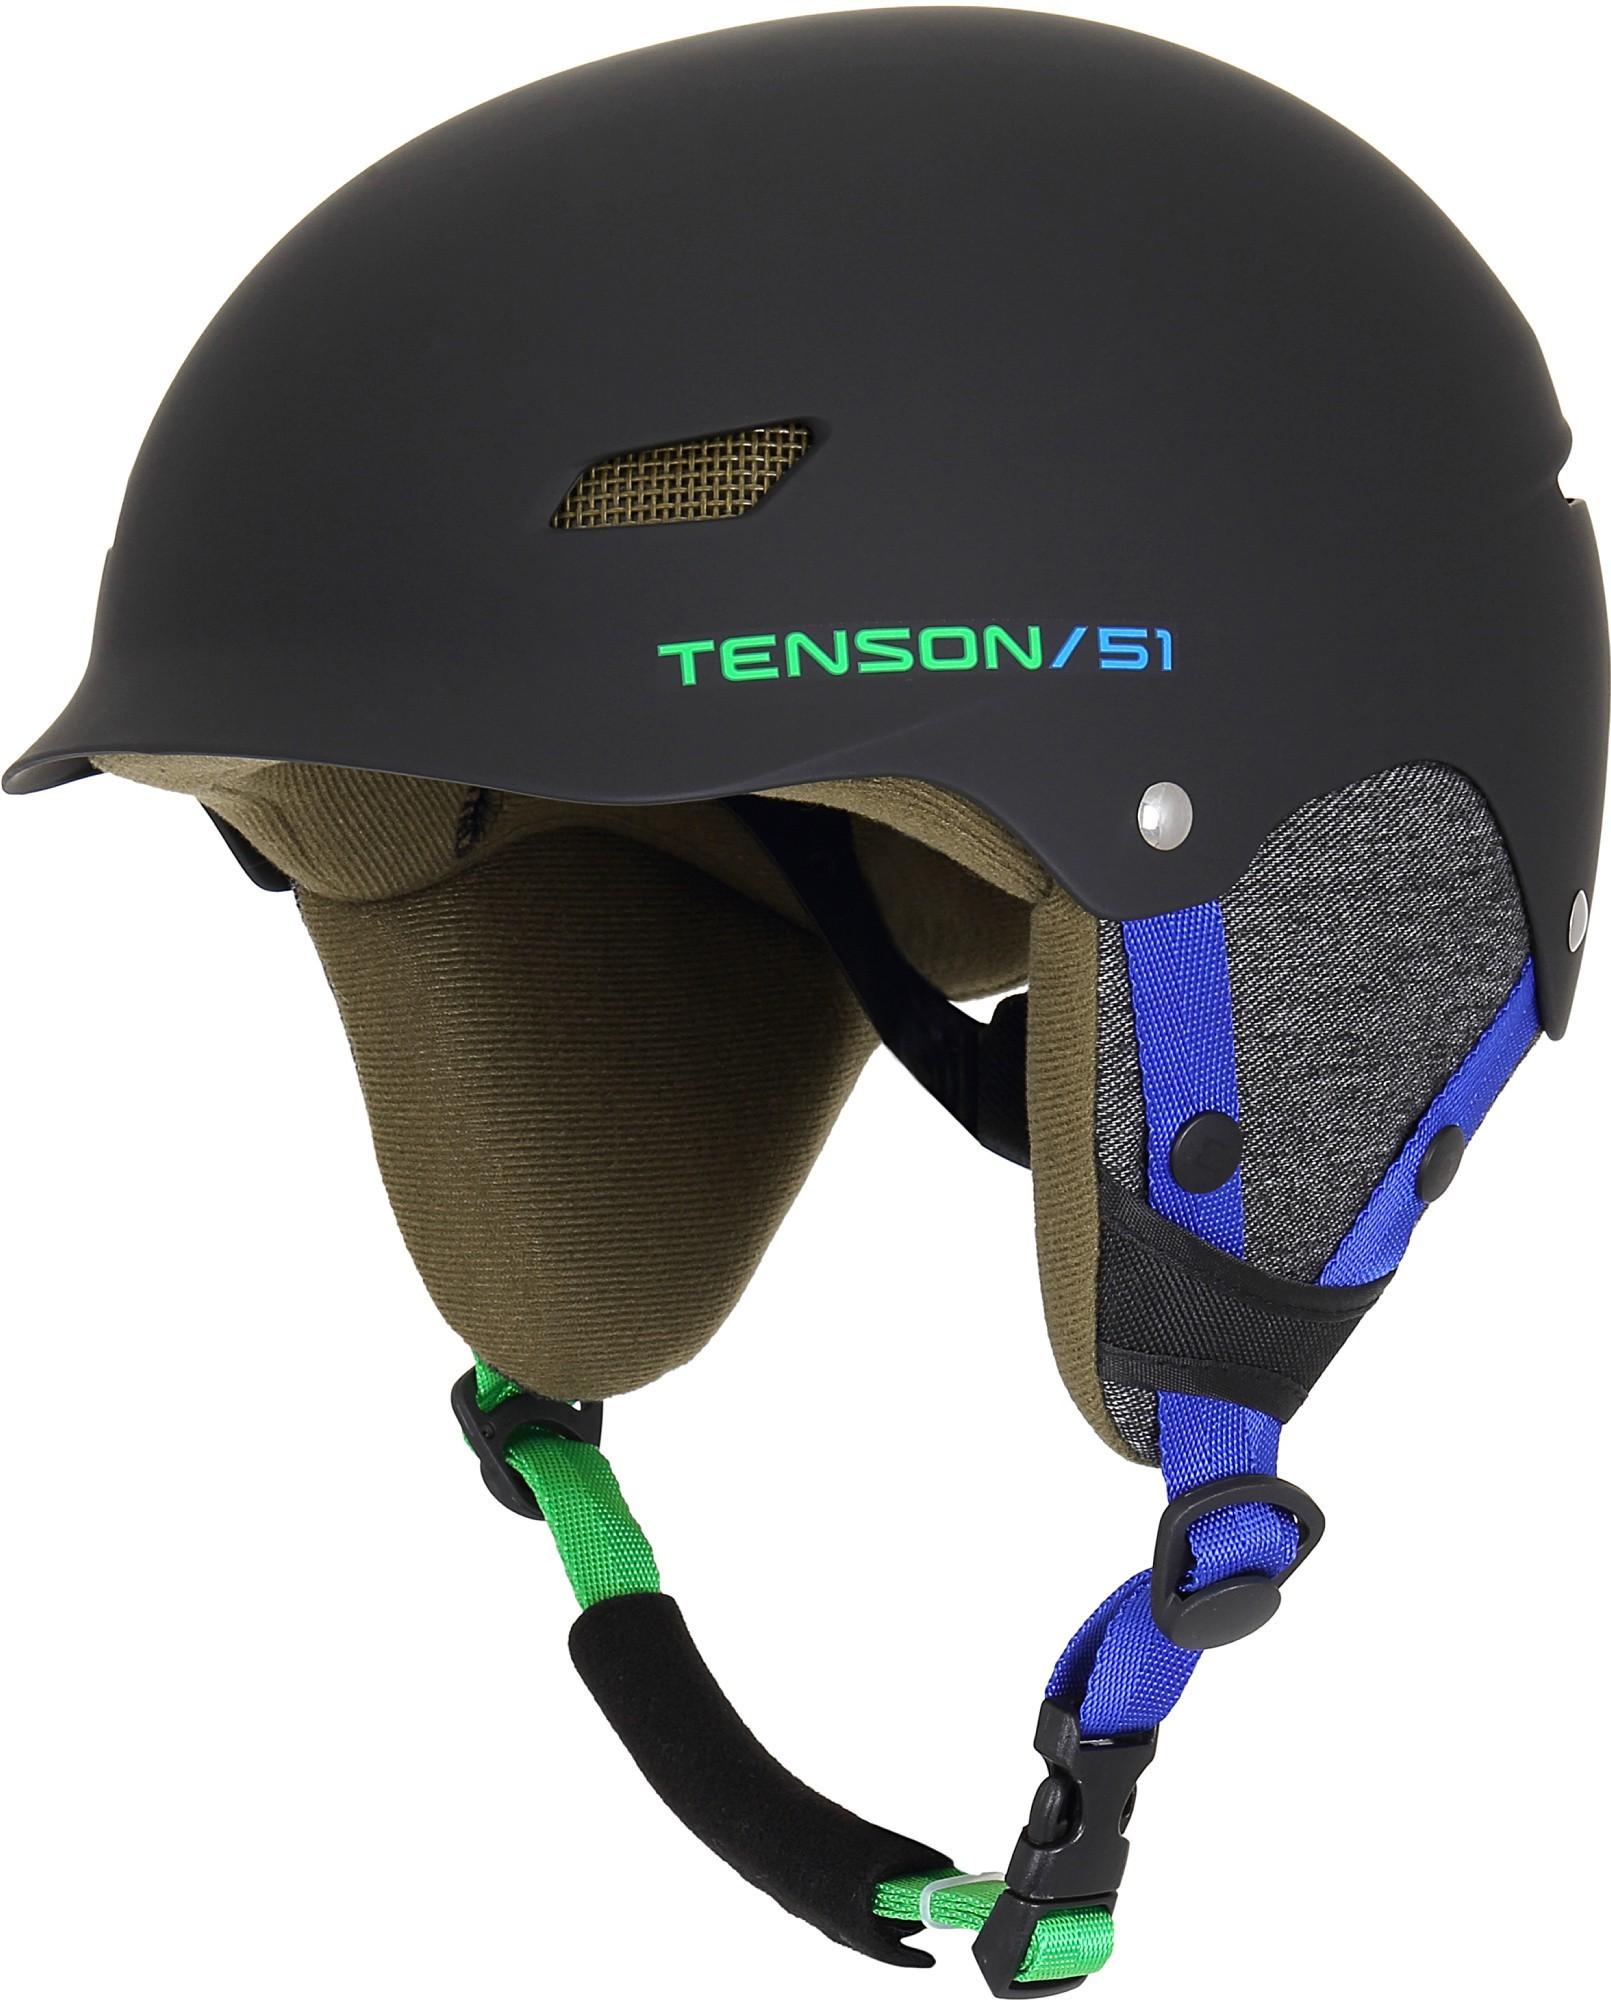 Kask narciarski dziecięcy Tenson PARK, czarny Black one size